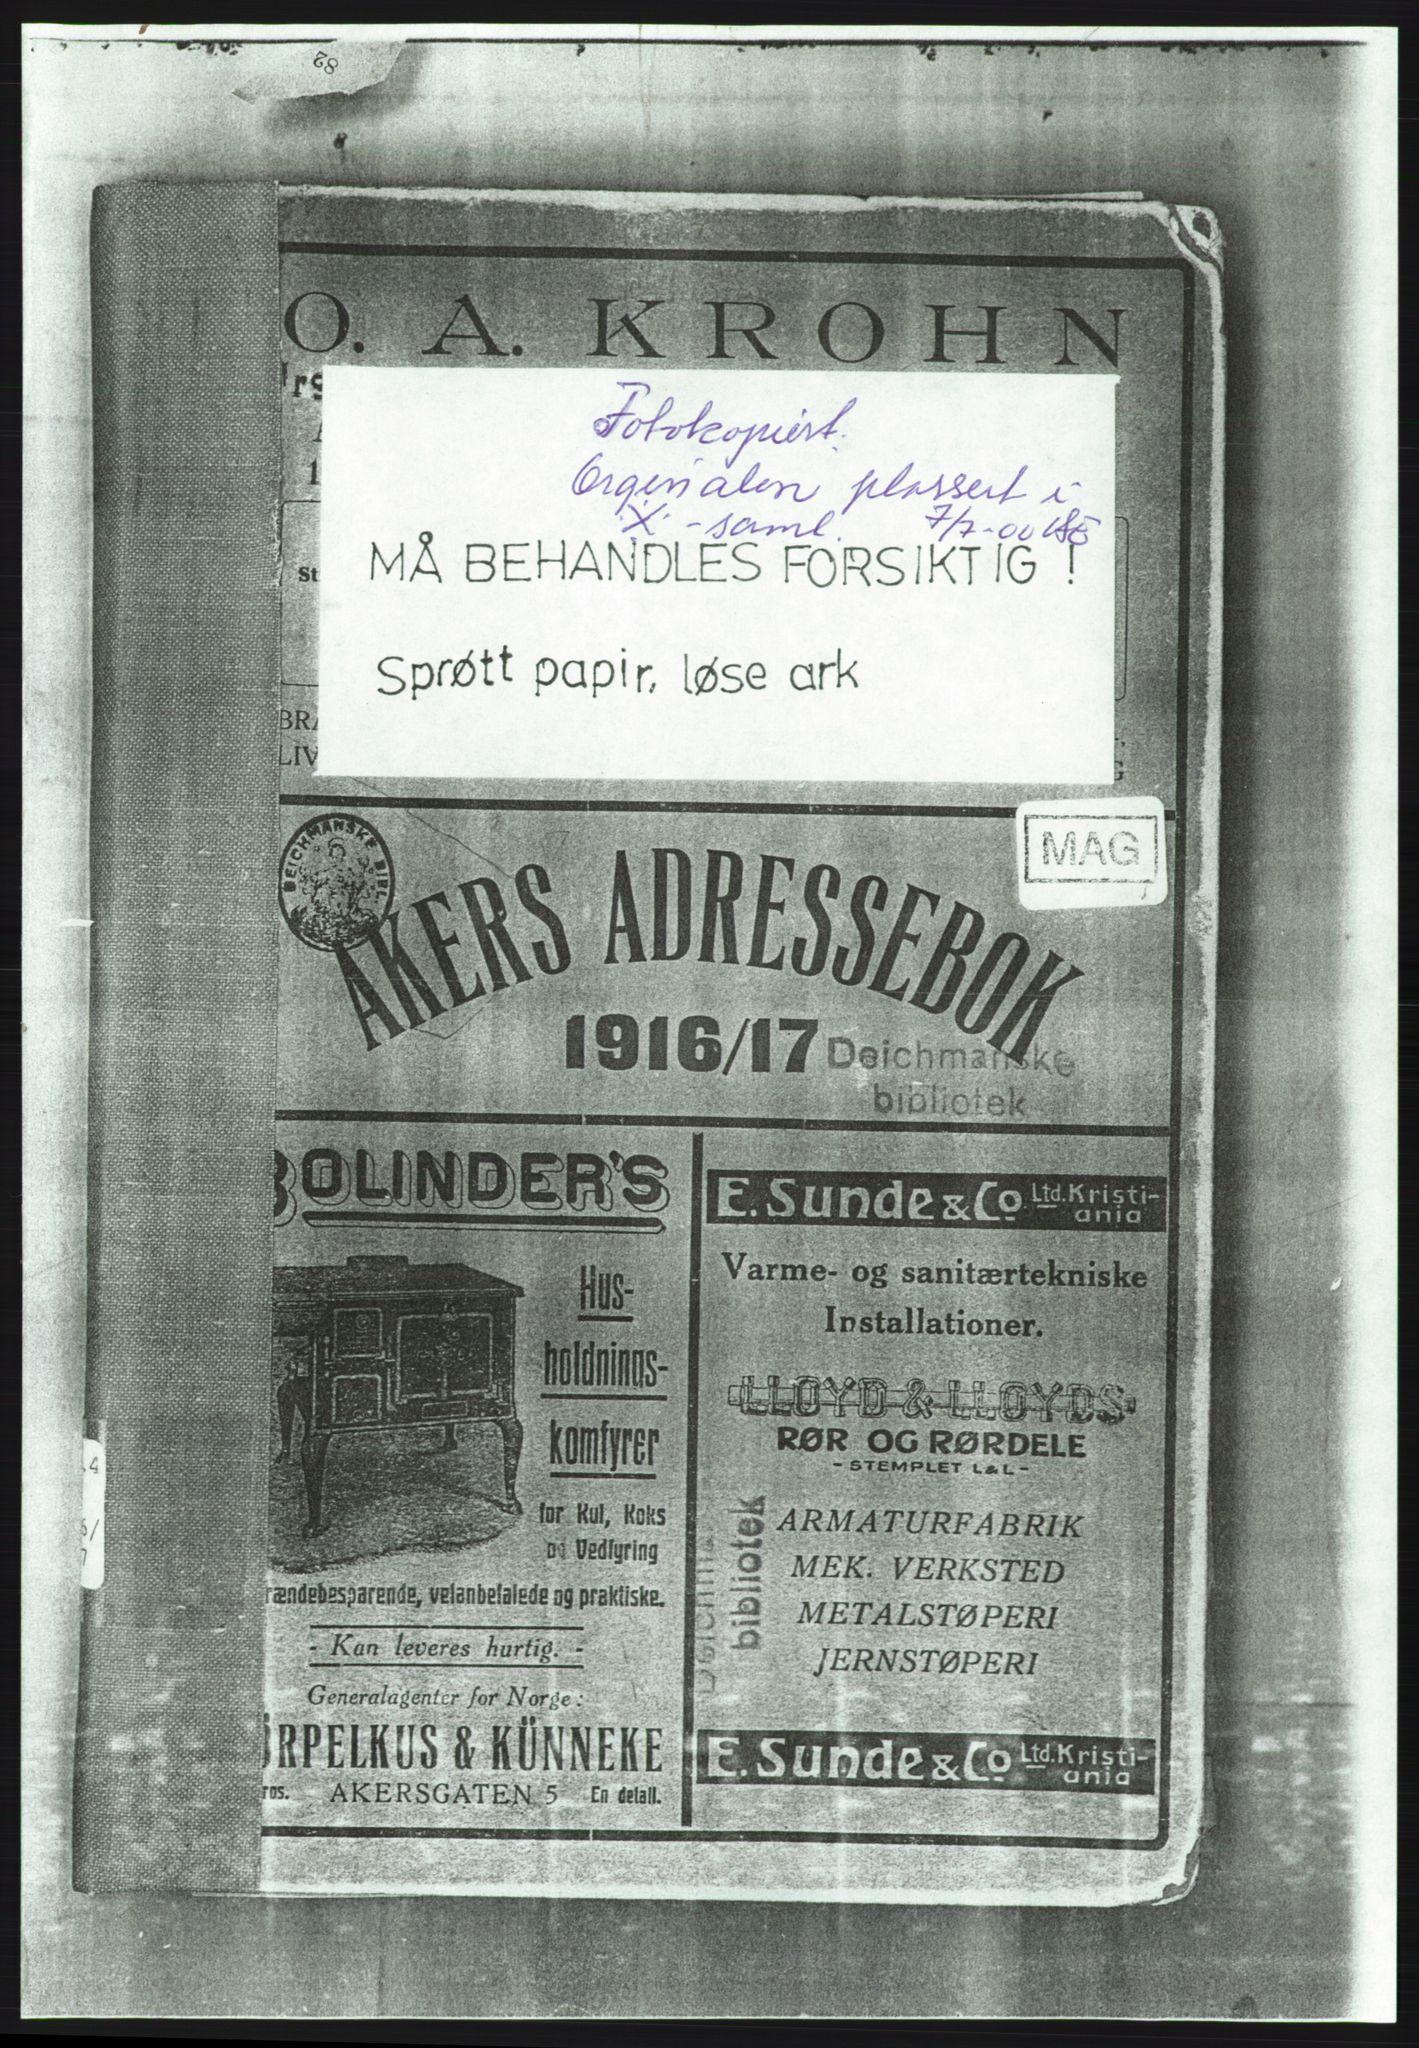 PUBL, Aker adressebok/adressekalender, 1916-1917